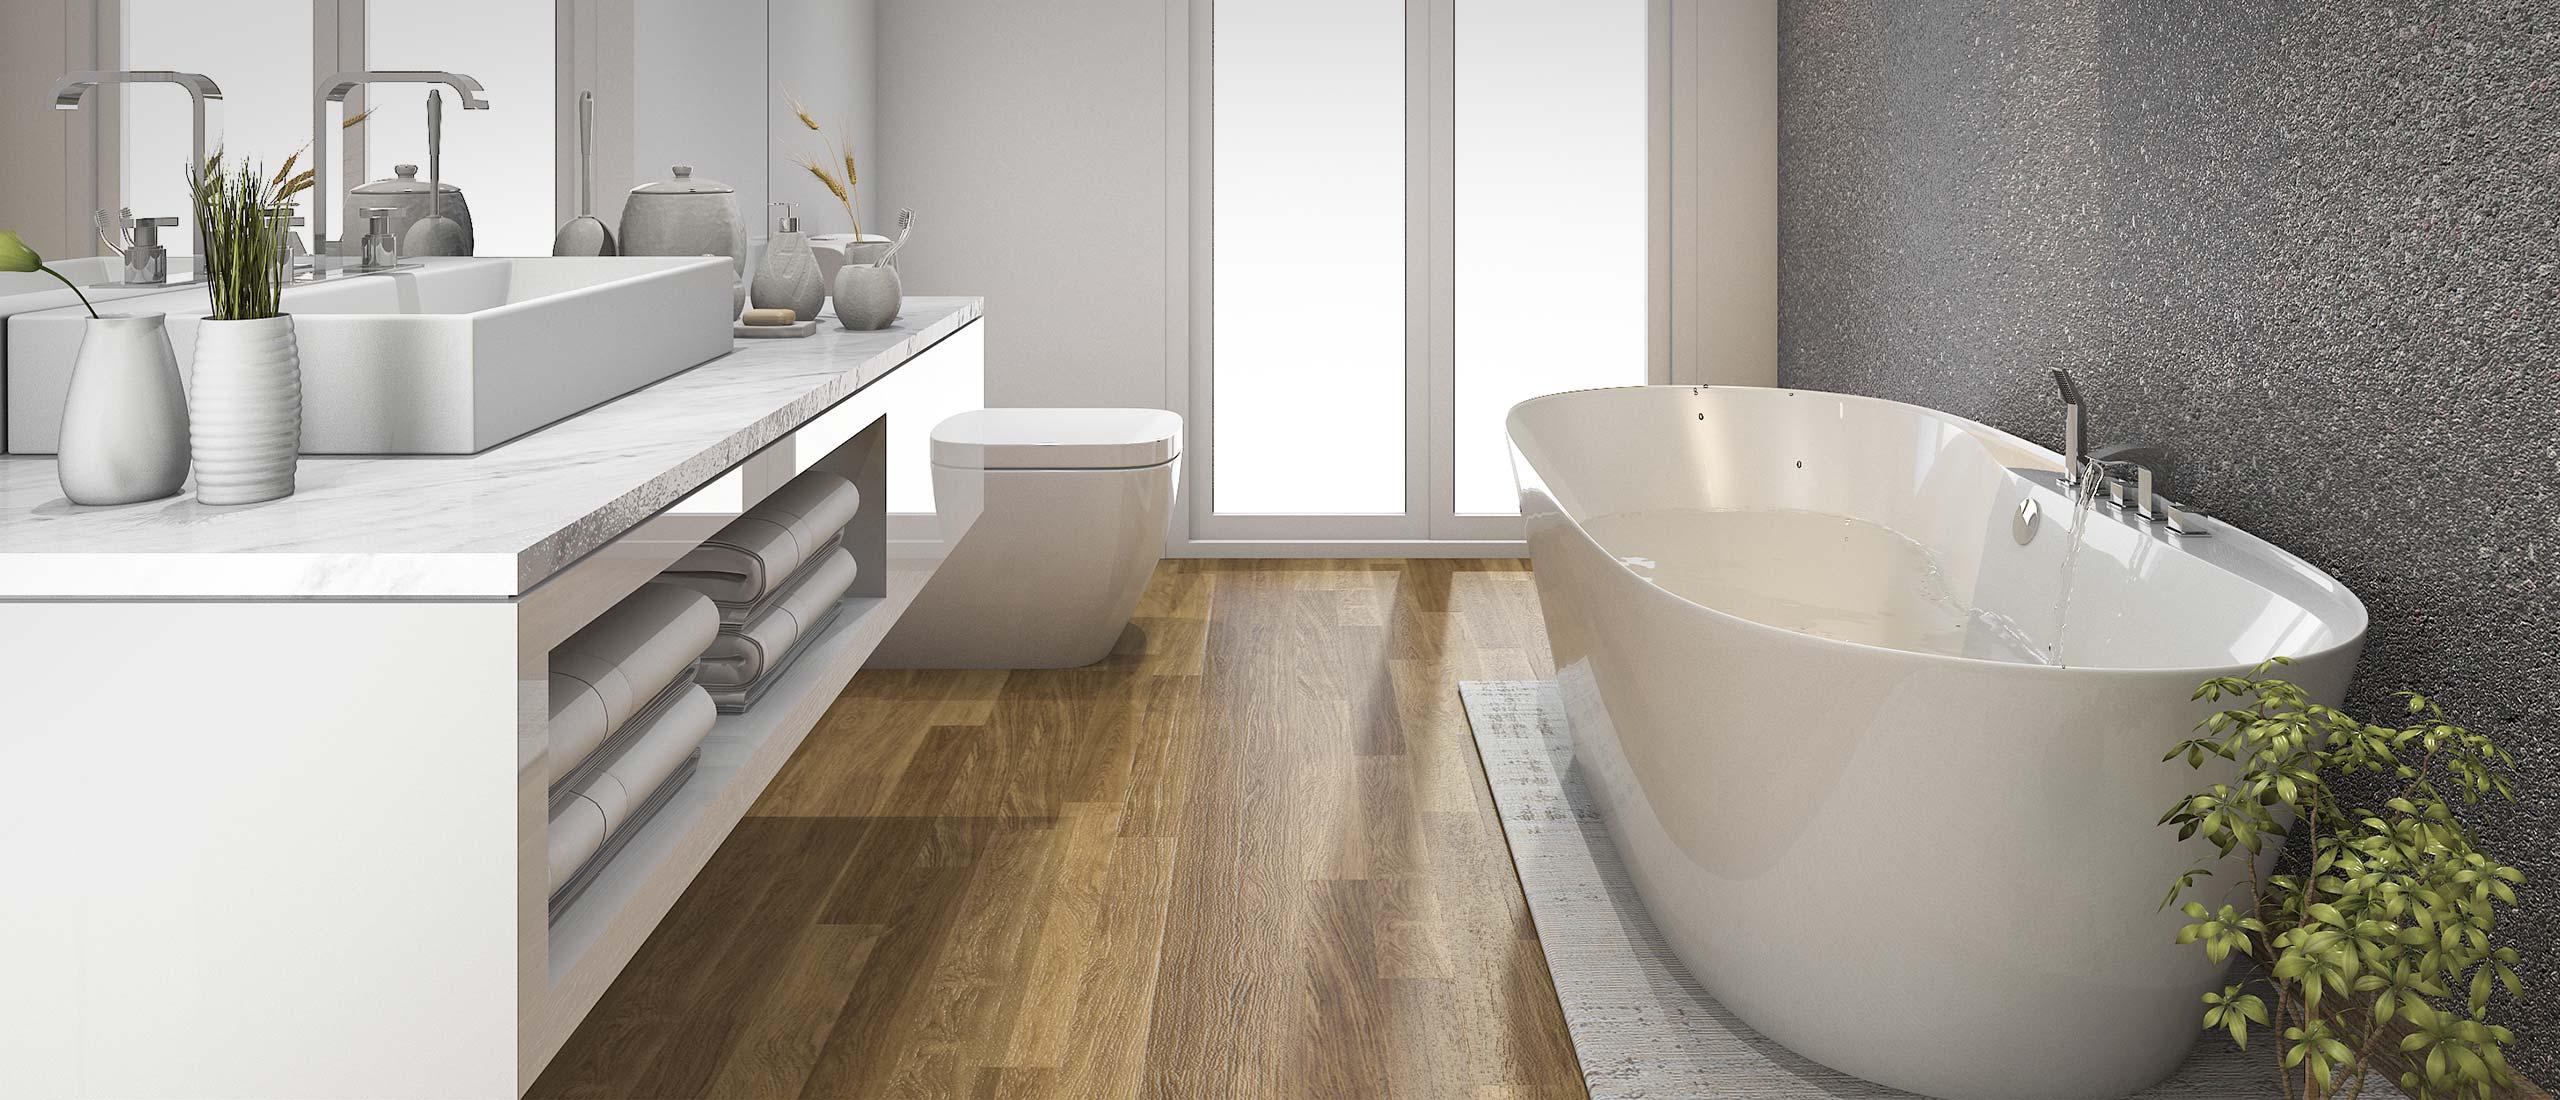 Badkamer verbouwen door de installateur uit Steensel (Valkenswaard)